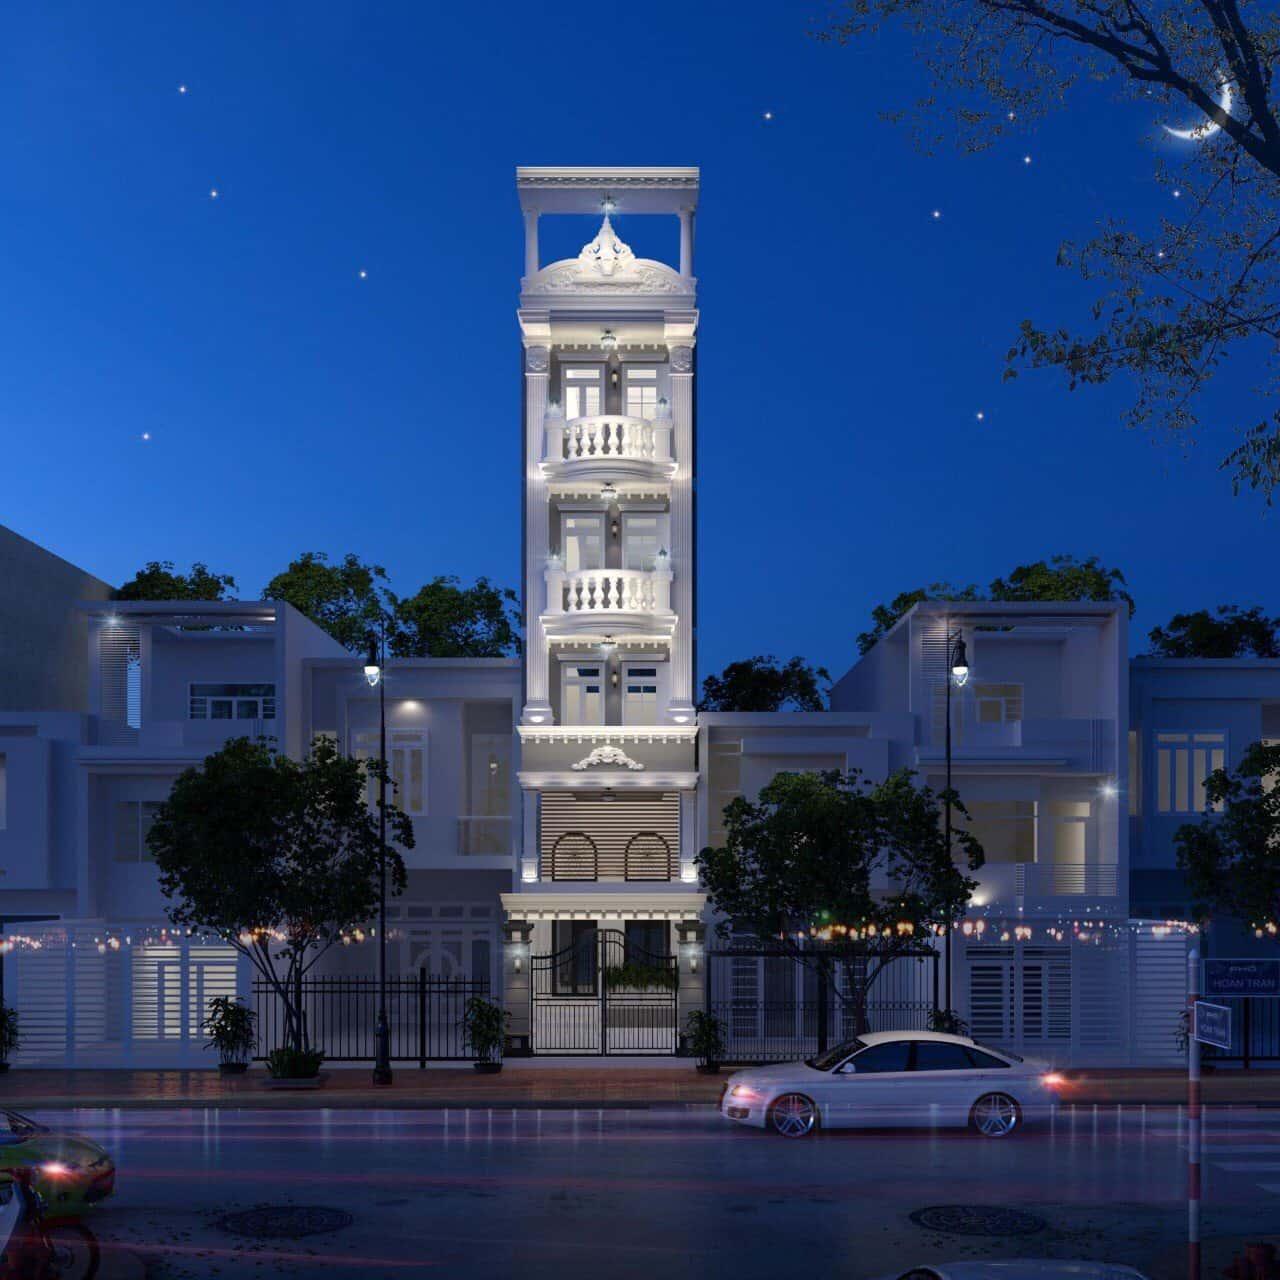 336cb9c2381fdf41860e - Thiết kế khách sạn cổ điển sang trọng